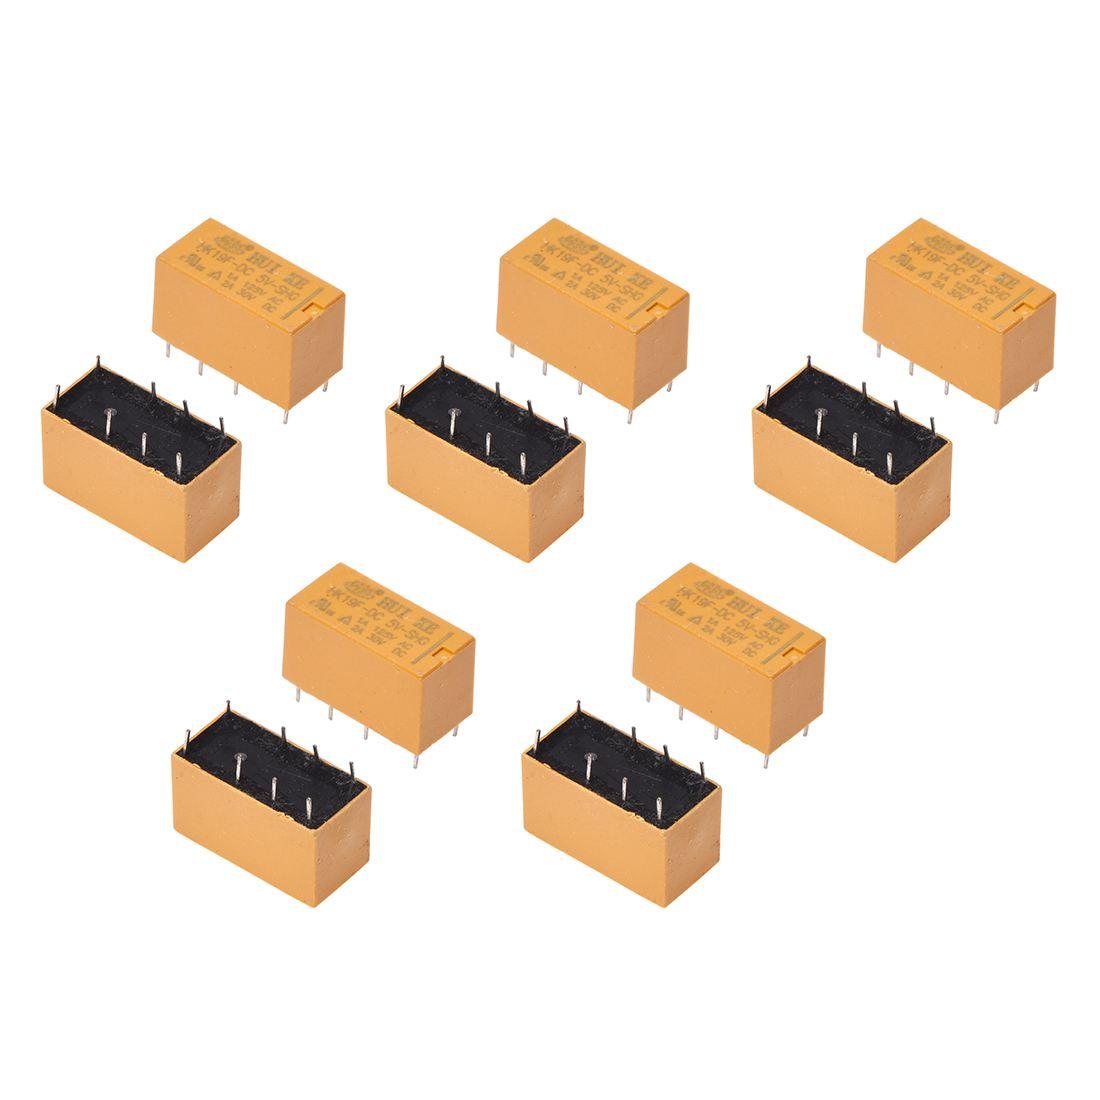 10 X Dc 5v Coil 125v 1a 30v 2a Ac 8 Pins Dpdt Power Ltspice Spdt Relay Hk19 V7r2